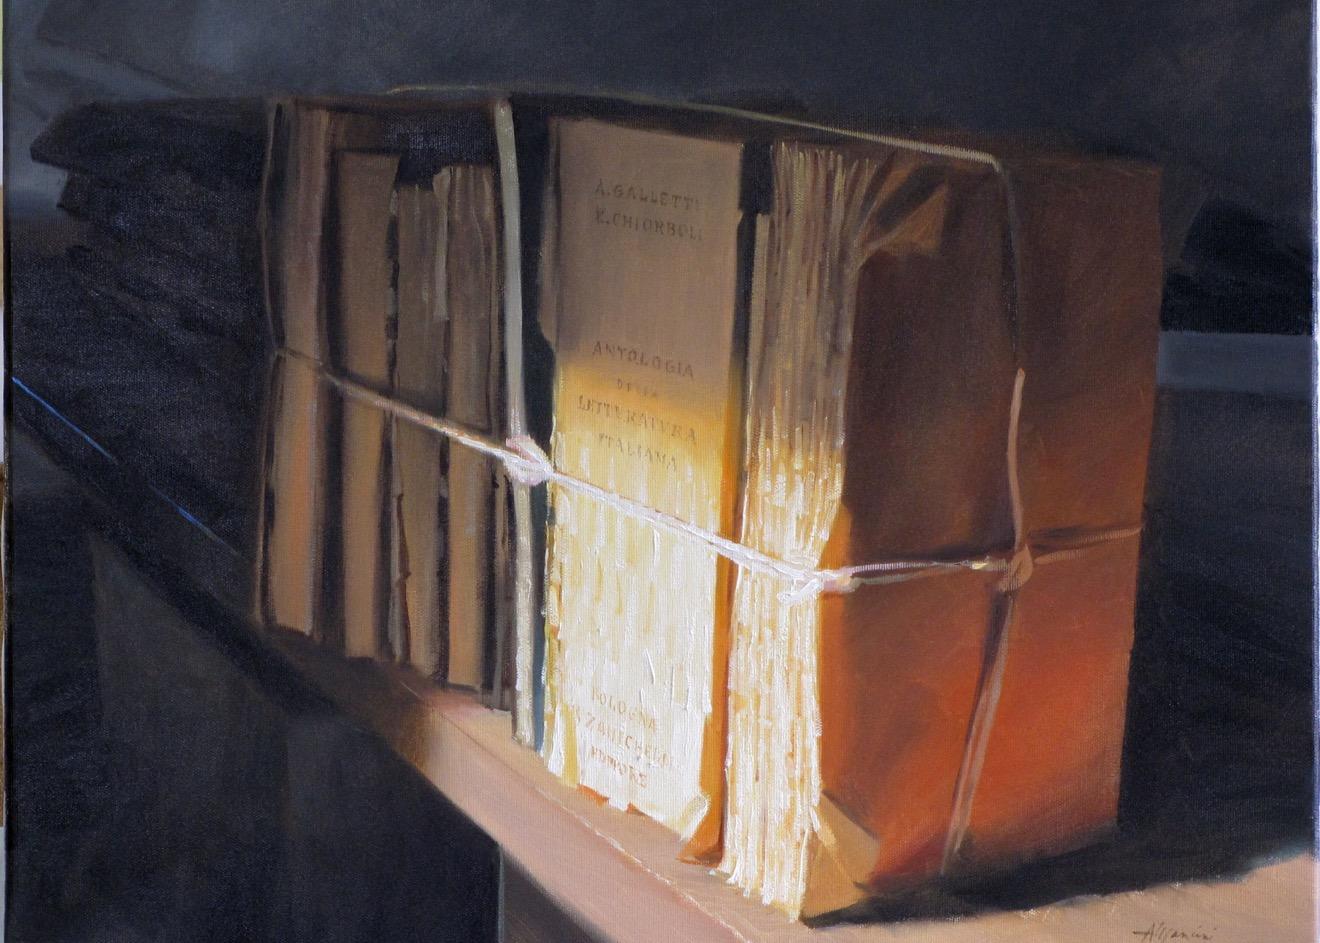 1192, Libri al tramonto, 2010, olio, cm 60x50